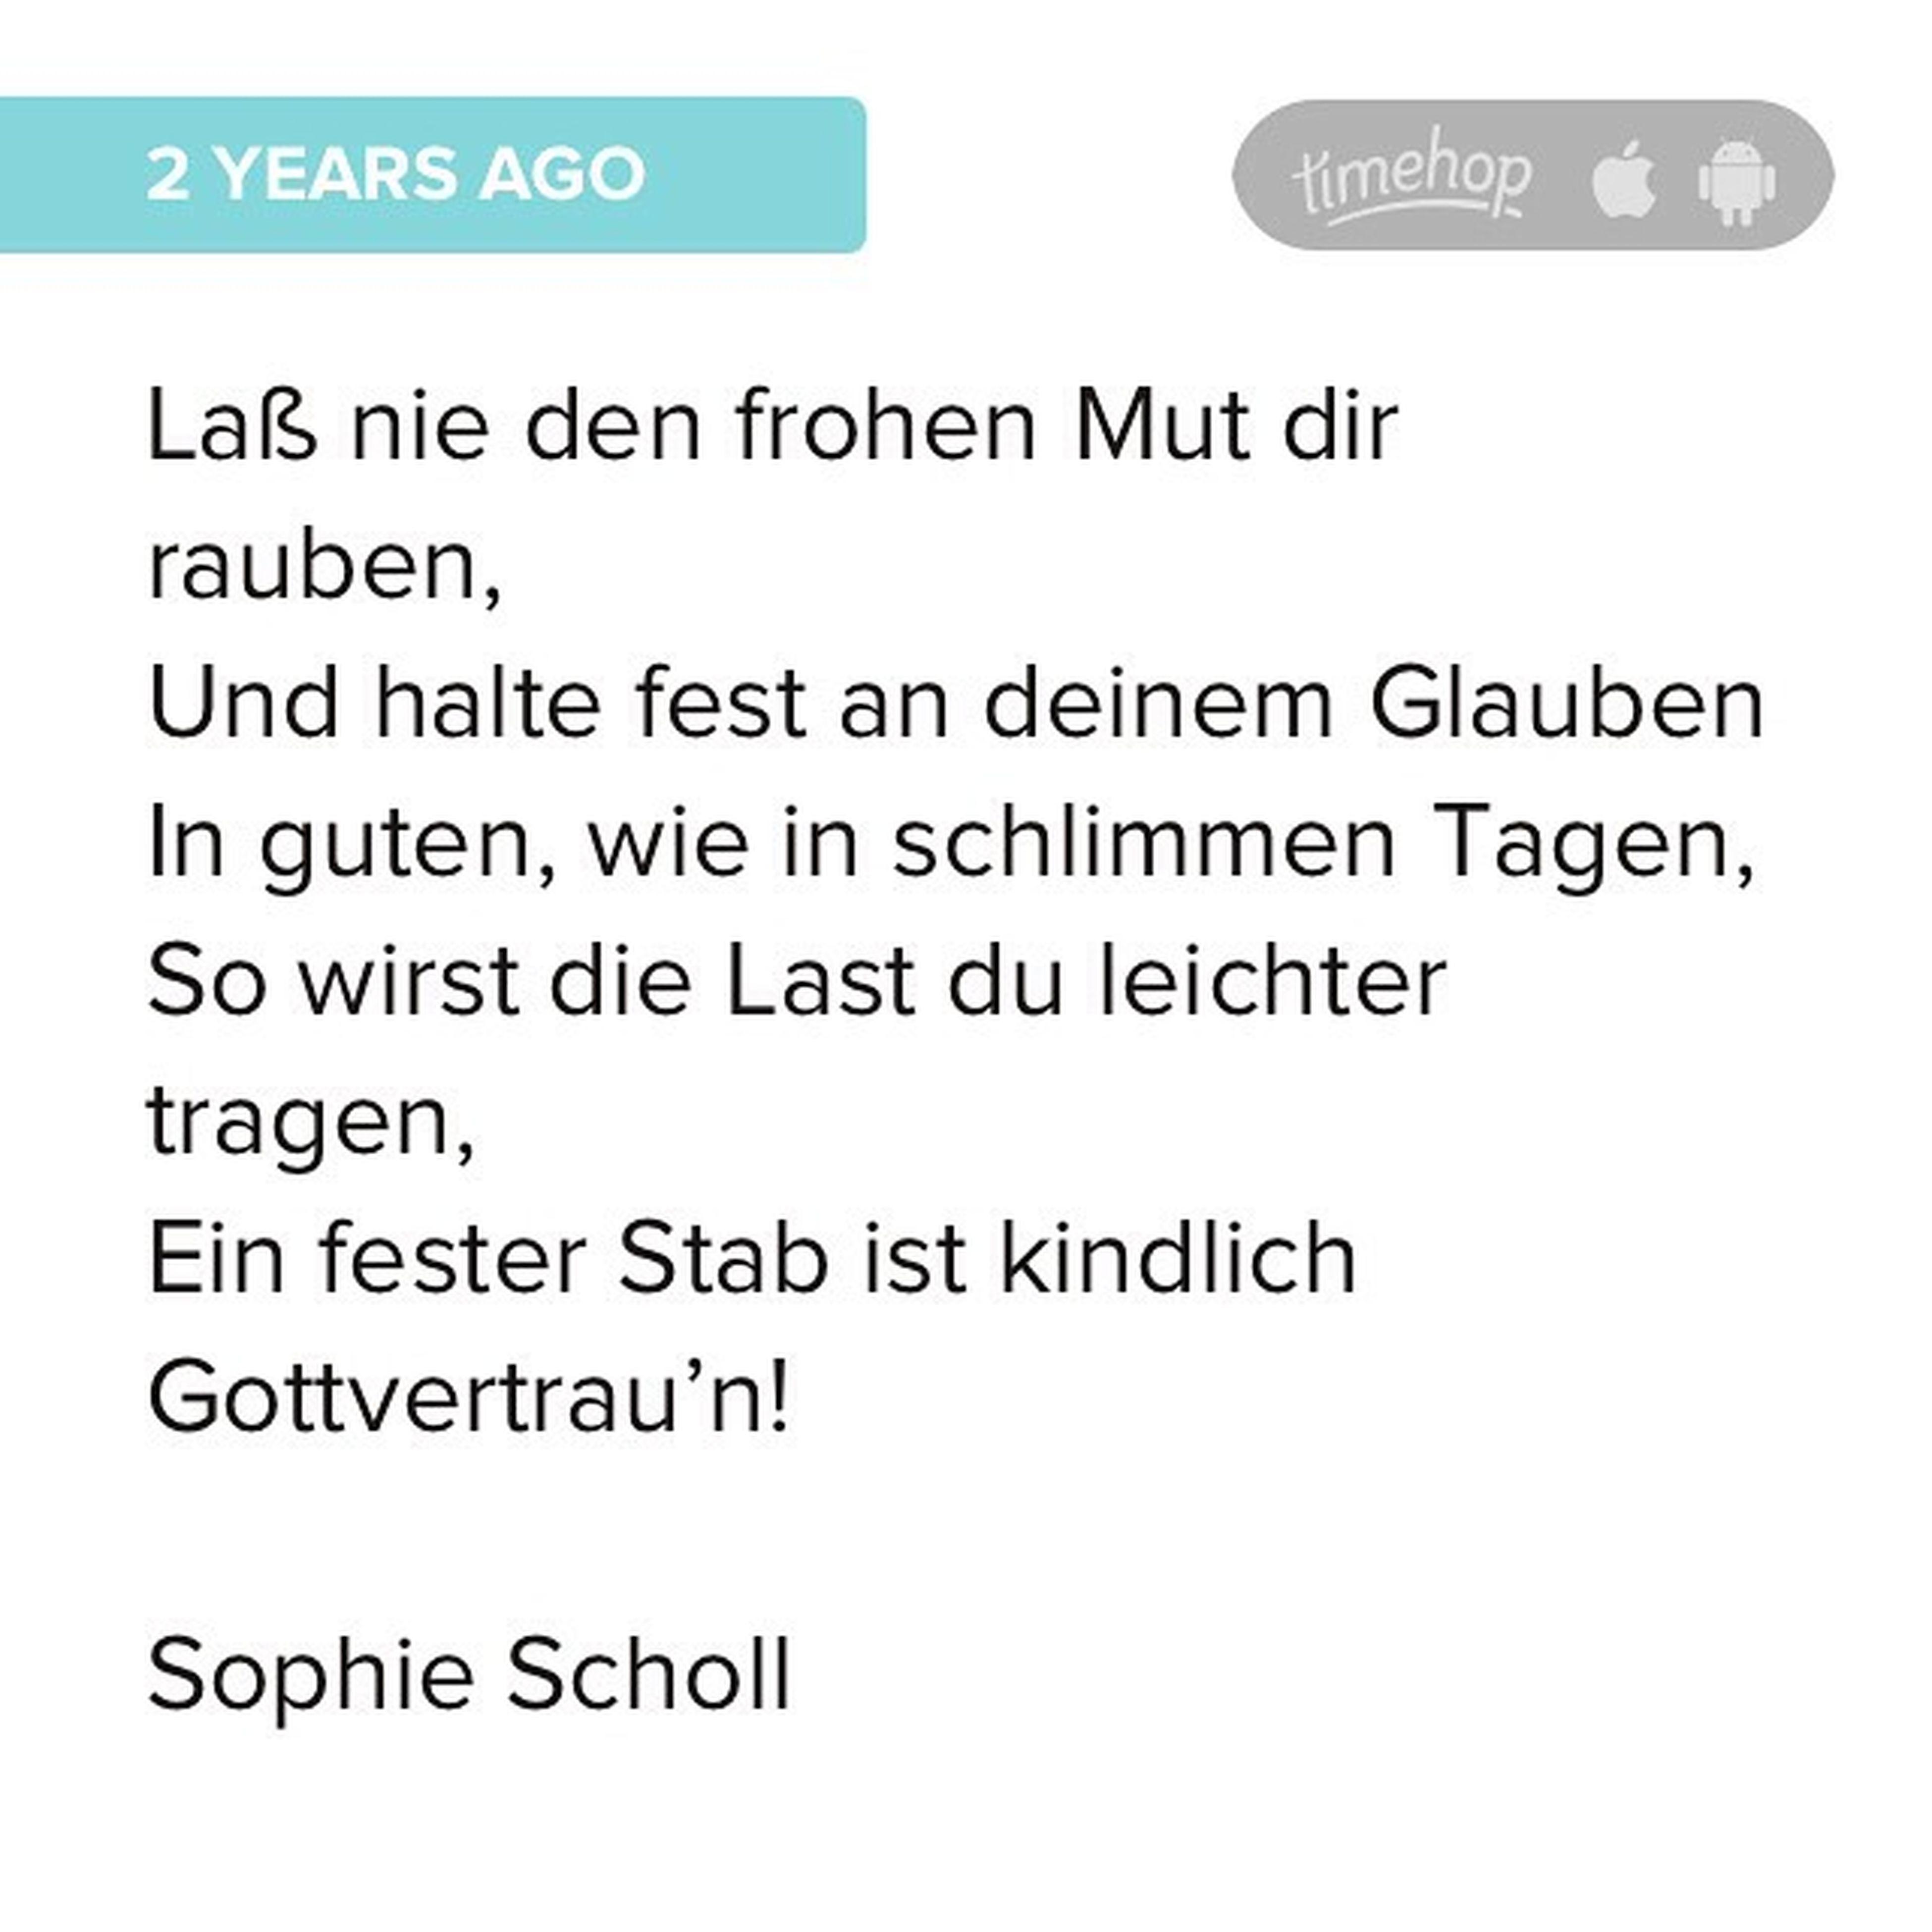 Scholl Sophiescholl Timehop